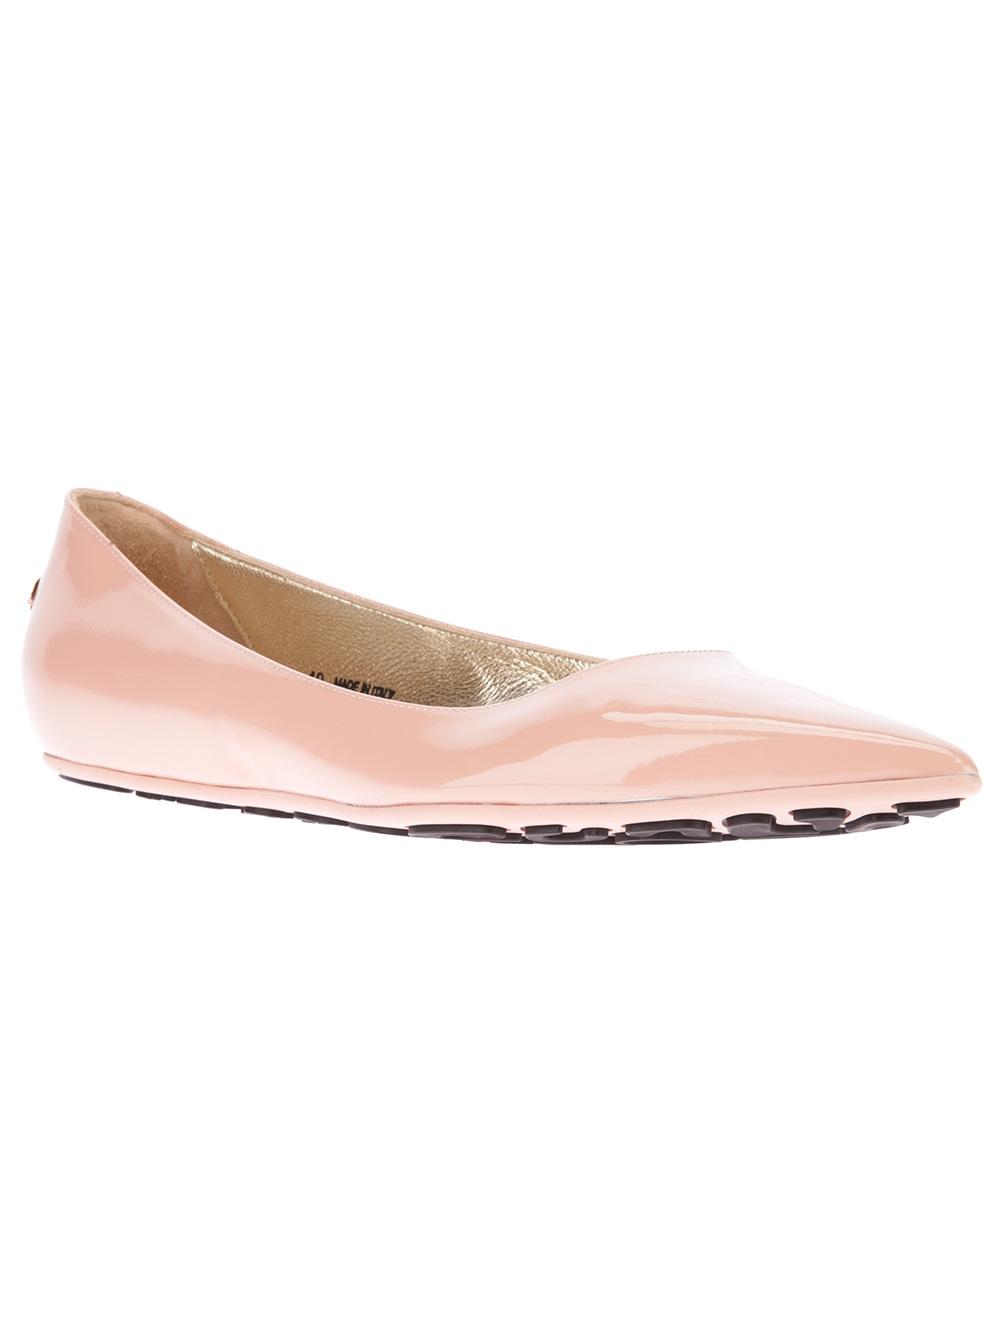 lyst jimmy choo glenda ballet flat in pink. Black Bedroom Furniture Sets. Home Design Ideas